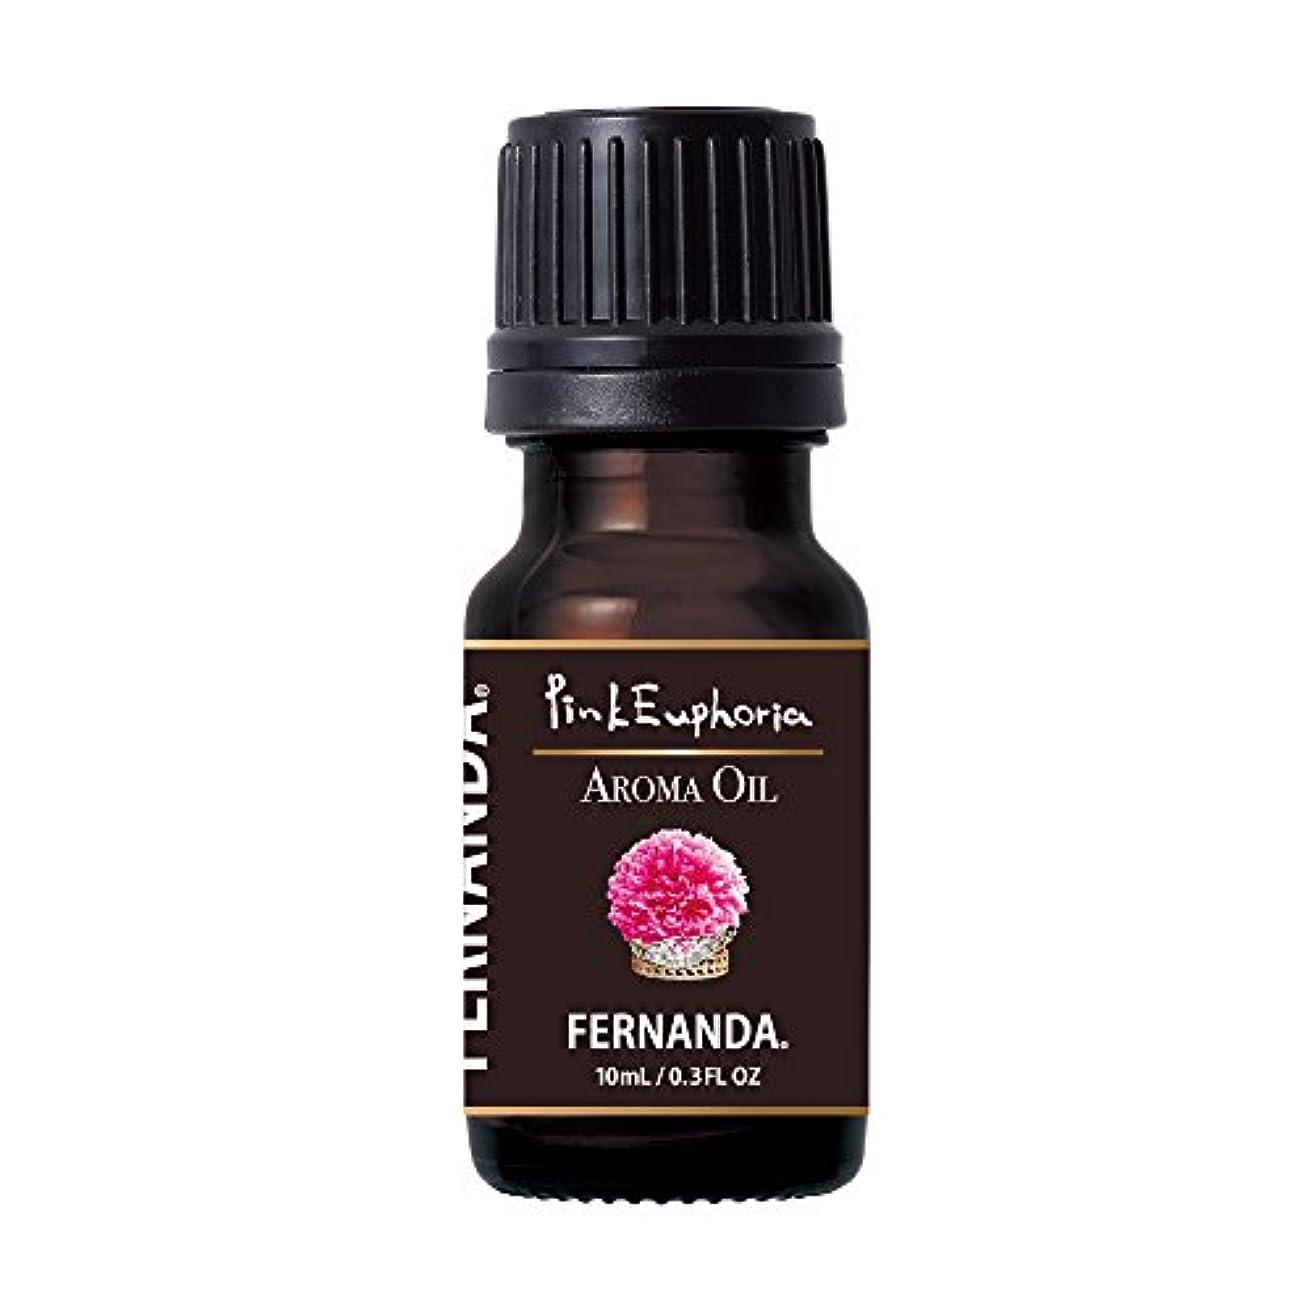 正しく悲観主義者お酢FERNANDA(フェルナンダ) Fragrance Aroma Oil Pink Euphoria (アロマオイル ピンクエウフォリア)